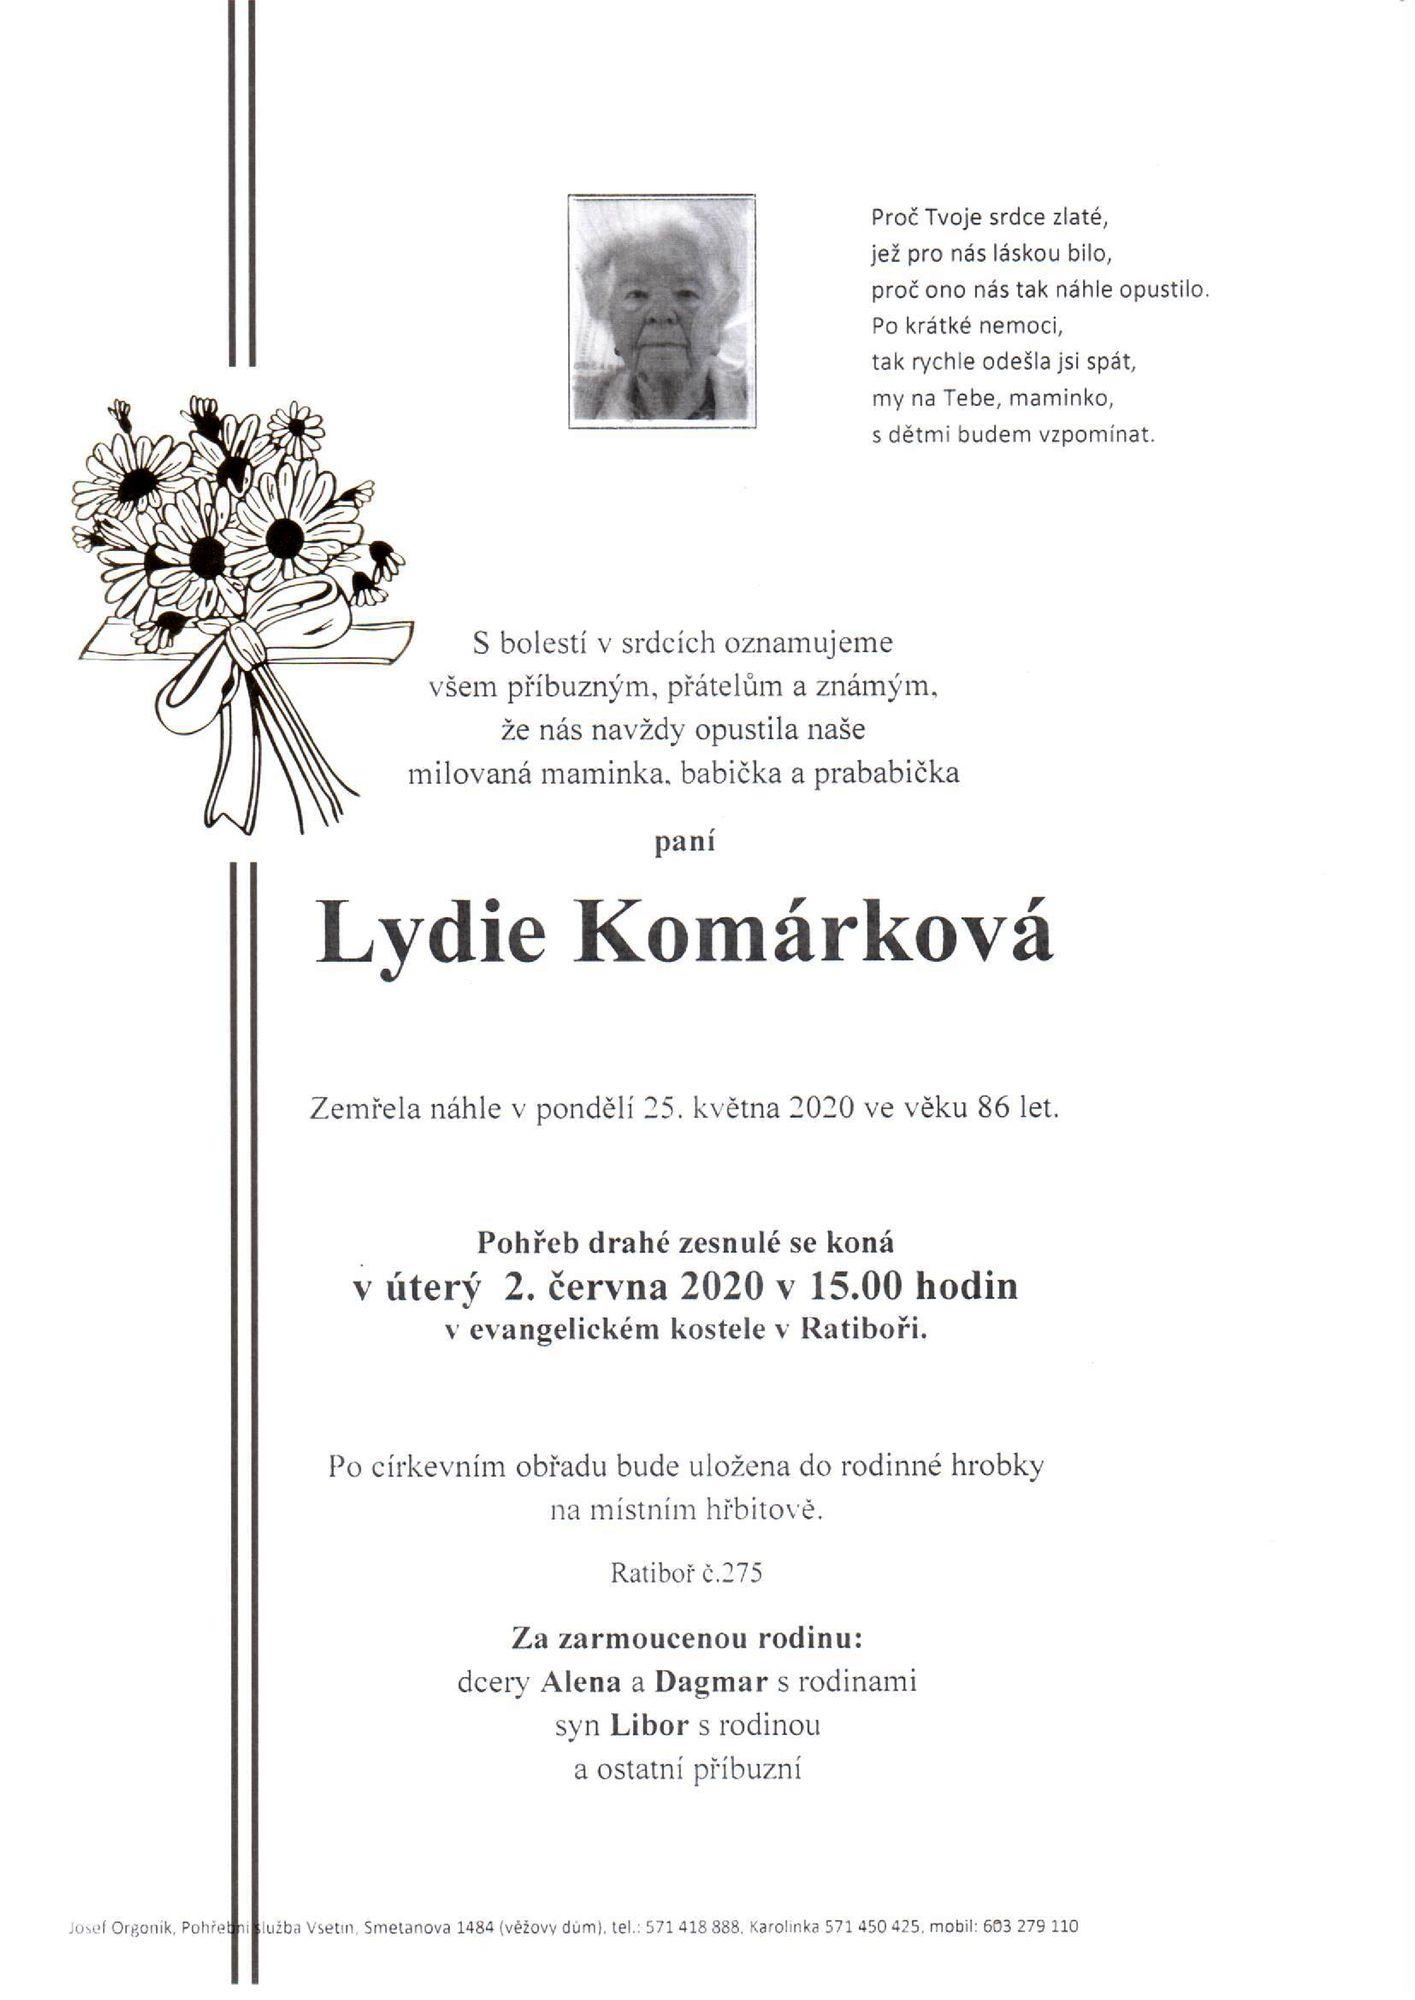 Lydie Komárková